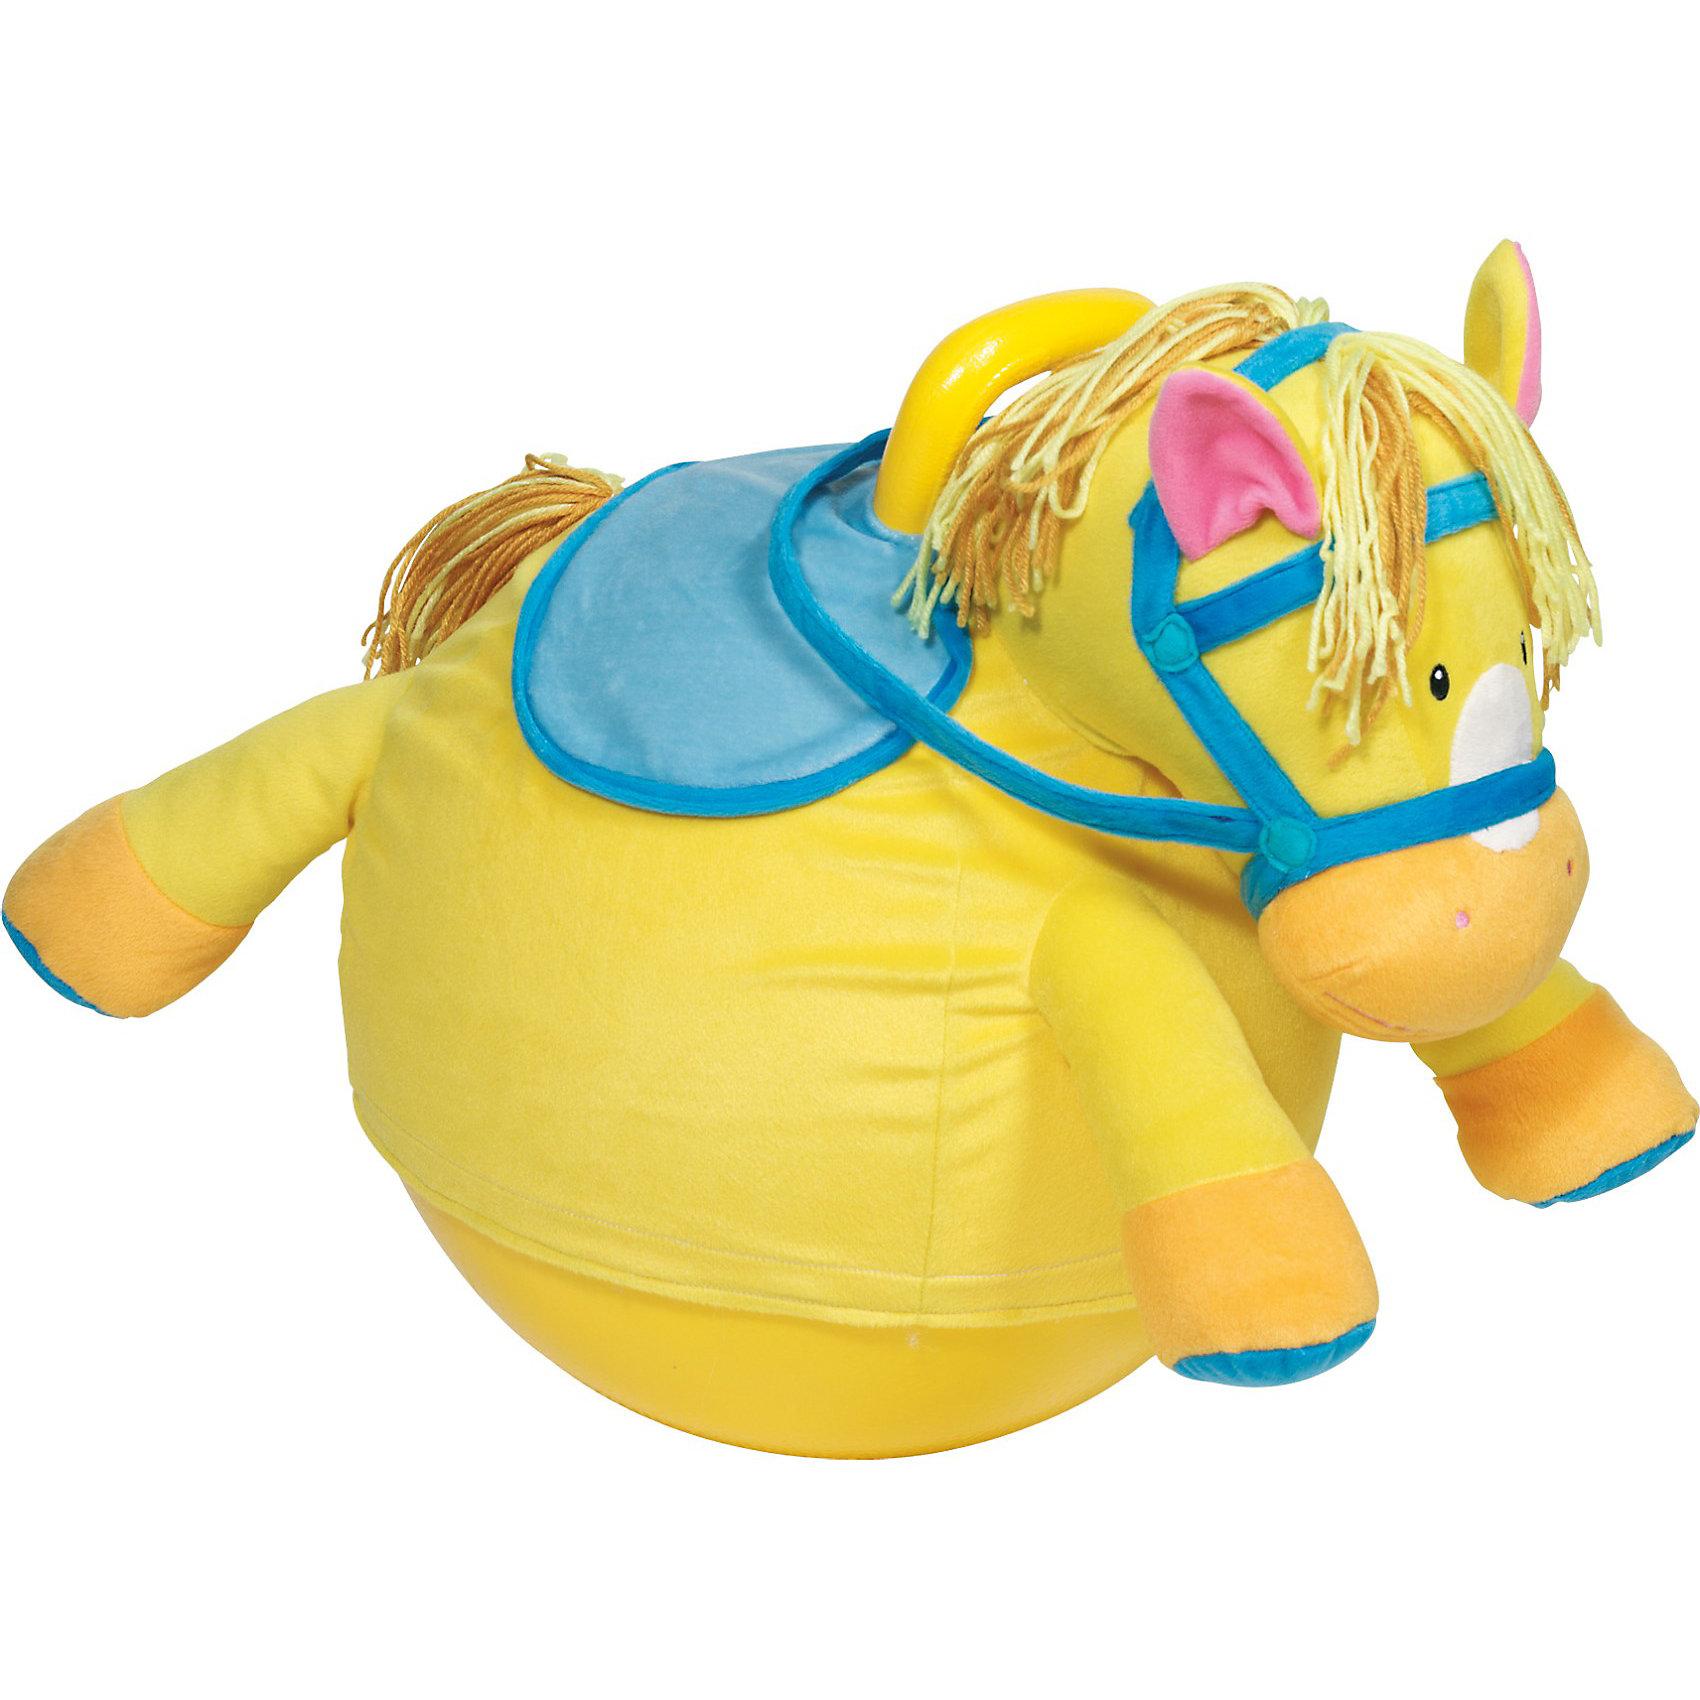 Попрыгун надувной Лошадка,  TOYS PUREЭта надувная лошадь станет лучшим другом вашего энергичного малыша. Прыгающие надувные животные являются одновременно веселой игрушкой и тренажером для развития координации движений и чувства равновесия ребенка, а также для укрепления мышц таза и ног.<br><br>Дополнительная информация:<br><br>- Сделана из прочного полимерного материала.<br>- Поставляется в сдутом виде.<br>- Надувается стандартным насосом (в комплект не входит)<br>- Размер: 38 см.<br><br>Надувную  Лошадь  прыгающую TOYS PURE можно купить в нашем магазине.<br><br>Ширина мм: 280<br>Глубина мм: 380<br>Высота мм: 380<br>Вес г: 1091<br>Возраст от месяцев: 36<br>Возраст до месяцев: 144<br>Пол: Унисекс<br>Возраст: Детский<br>SKU: 3876014